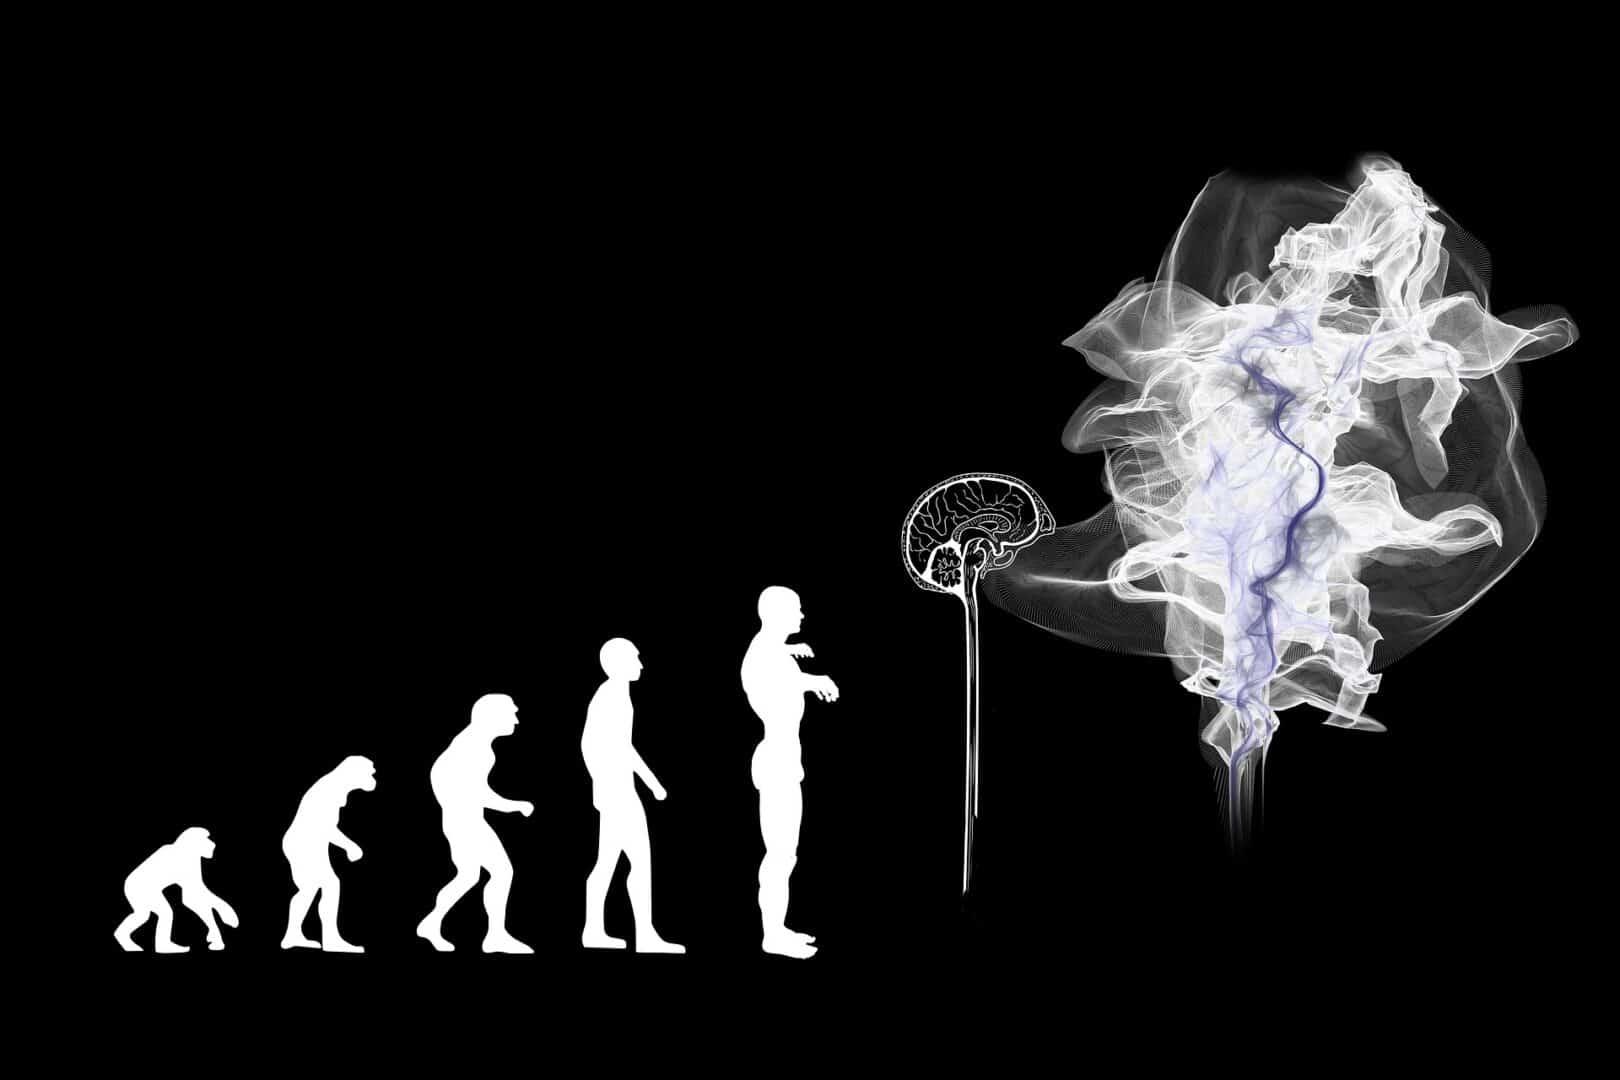 Wer glaubt noch an die Evolutionstheorie?